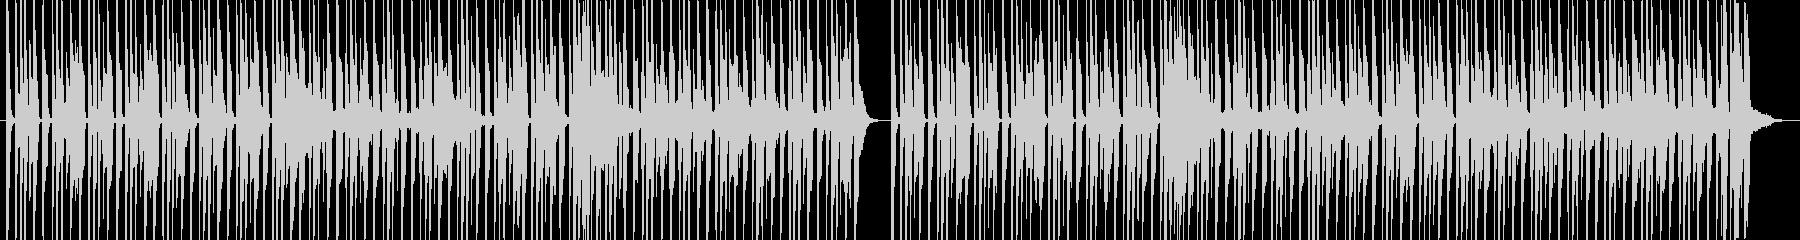 ドラムとベースのロック調イントロの未再生の波形